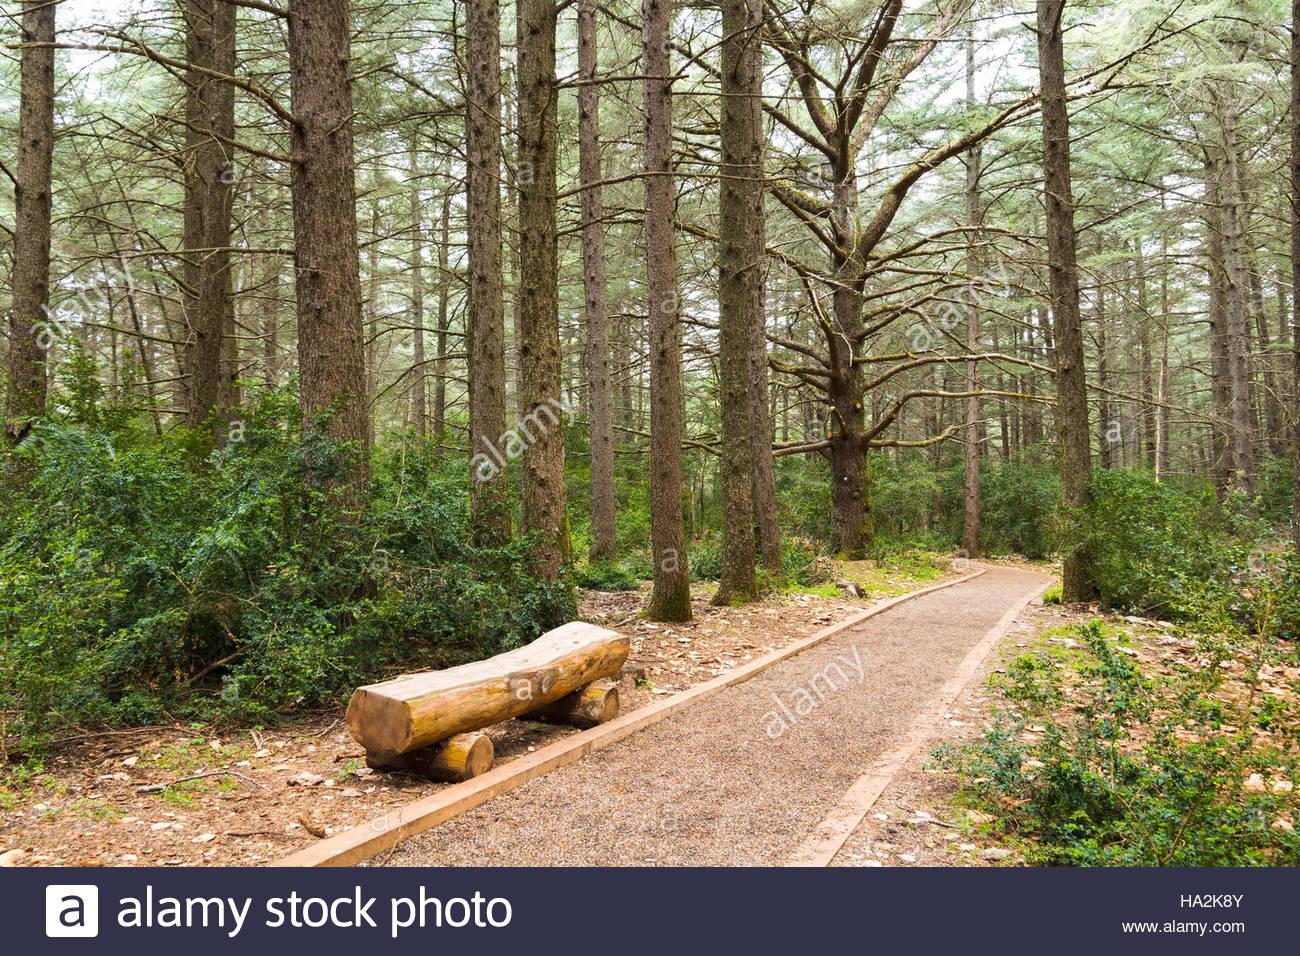 Nachhaltigen Wald alte Zeder Wald Frankreich abstraktes Bild Wald Bereich französische Provence gruselig Bäume Stockbild